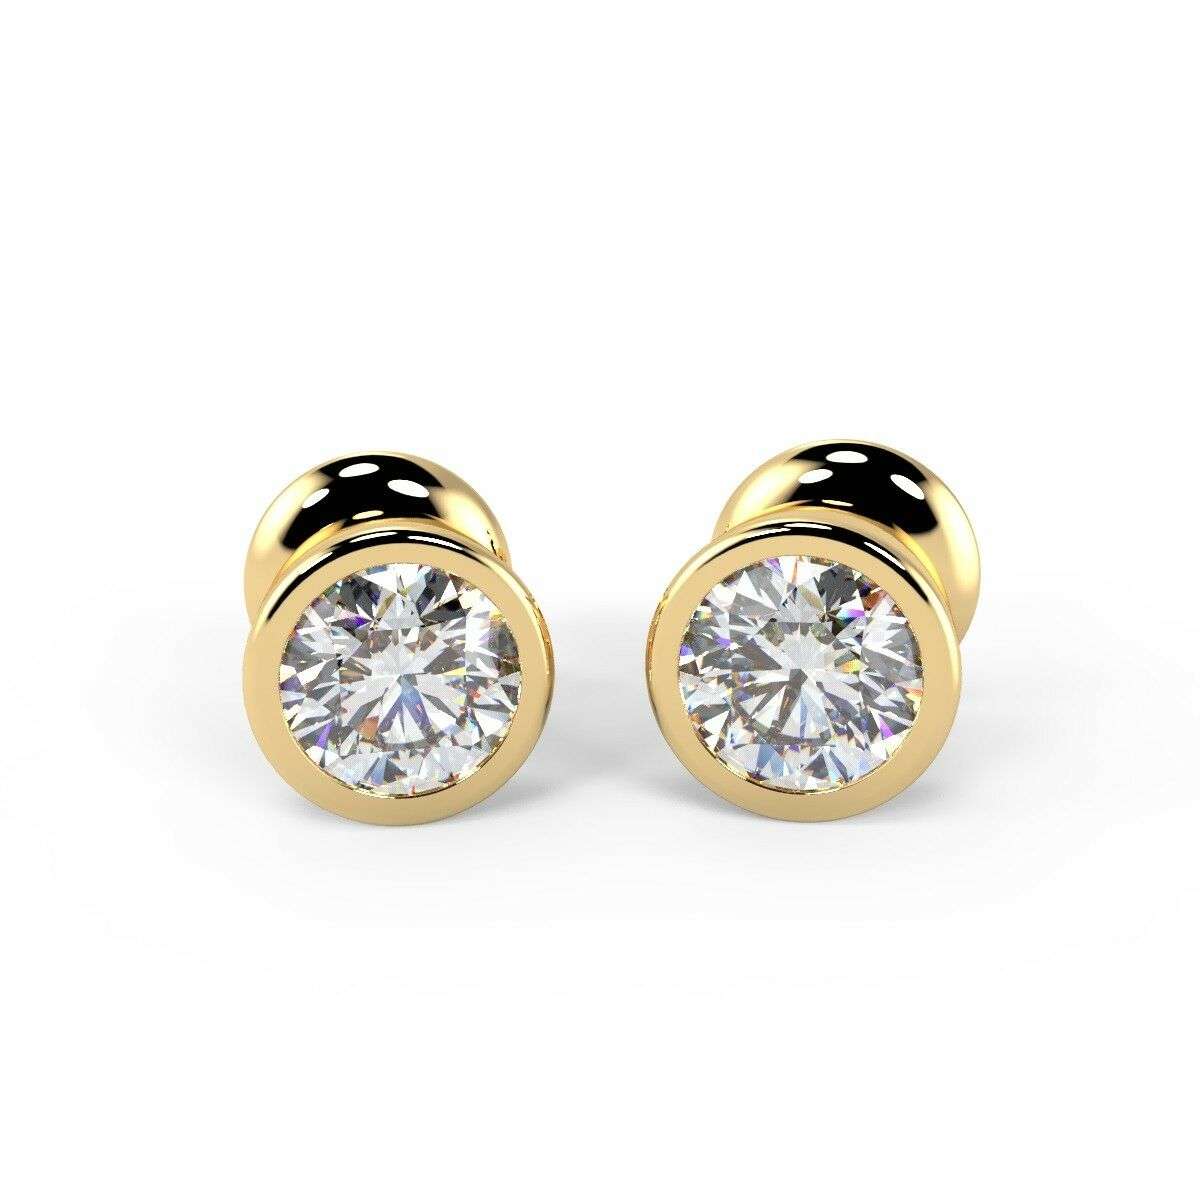 0 25 Ct Round Diamond Bezel Set Stud Earrings Uk Hallmarked